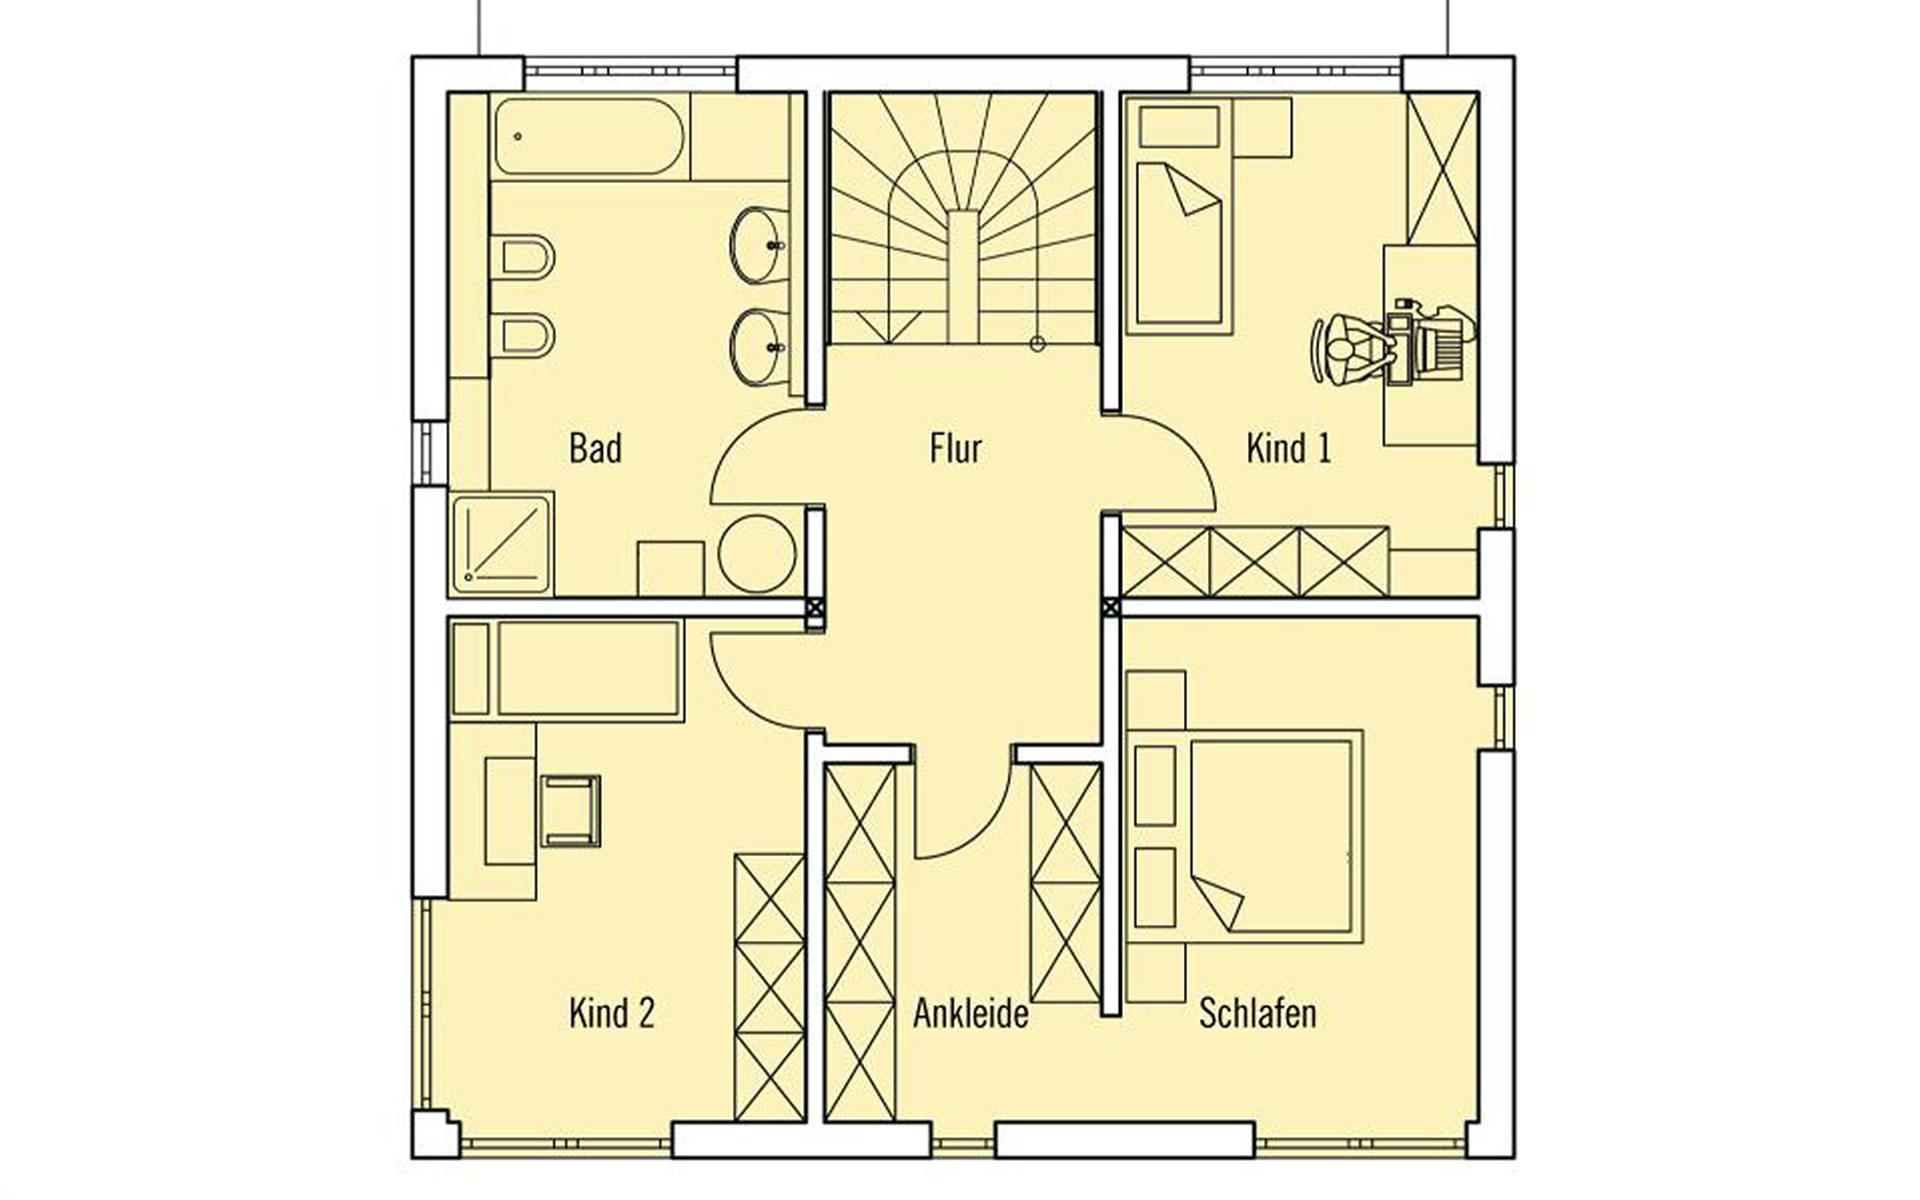 Obergeschoss PlanMit: Stadthaus von Bau-Fritz GmbH & Co. KG, seit 1896